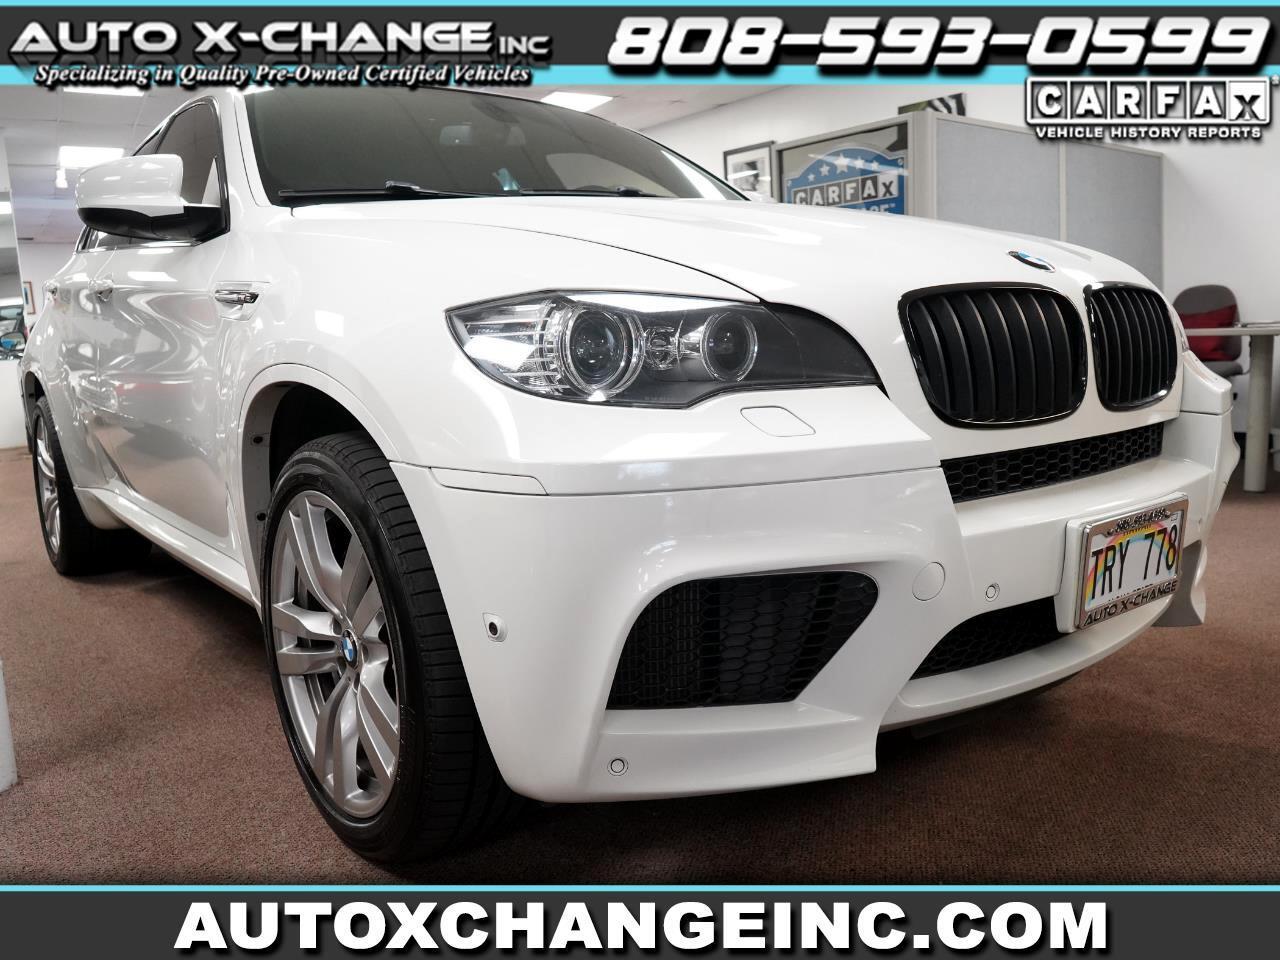 BMW X6 M AWD 4dr 2012